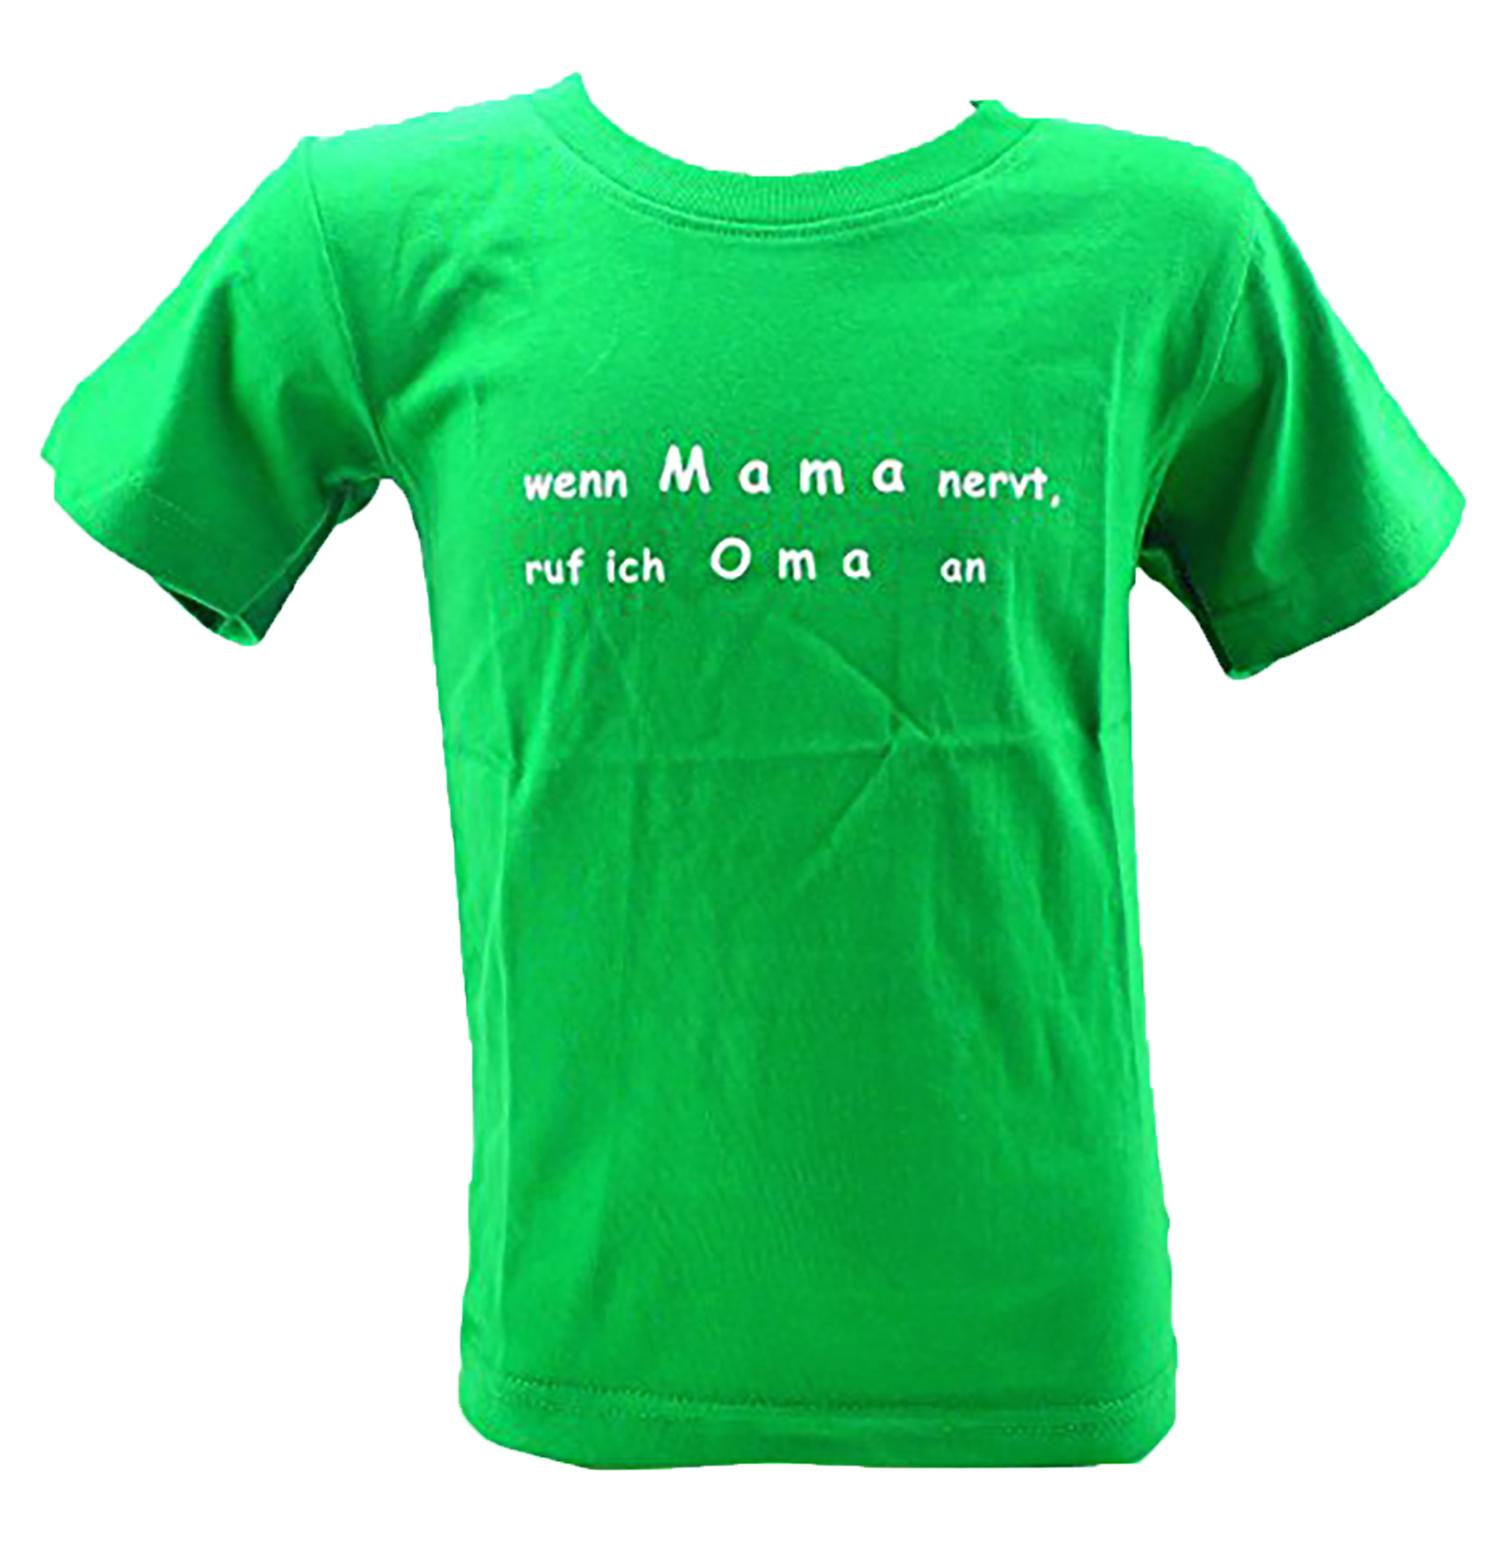 Full Size of Lustige T Shirt Sprüche Hemd Grn Sprche Shirts 5 6 Jahre Wenn Mama Regal Metall 60 Cm Breit Geberit Dusch Wc Küche Selbst Zusammenstellen Relaxsessel Garten Wohnzimmer Lustige T Shirt Sprüche